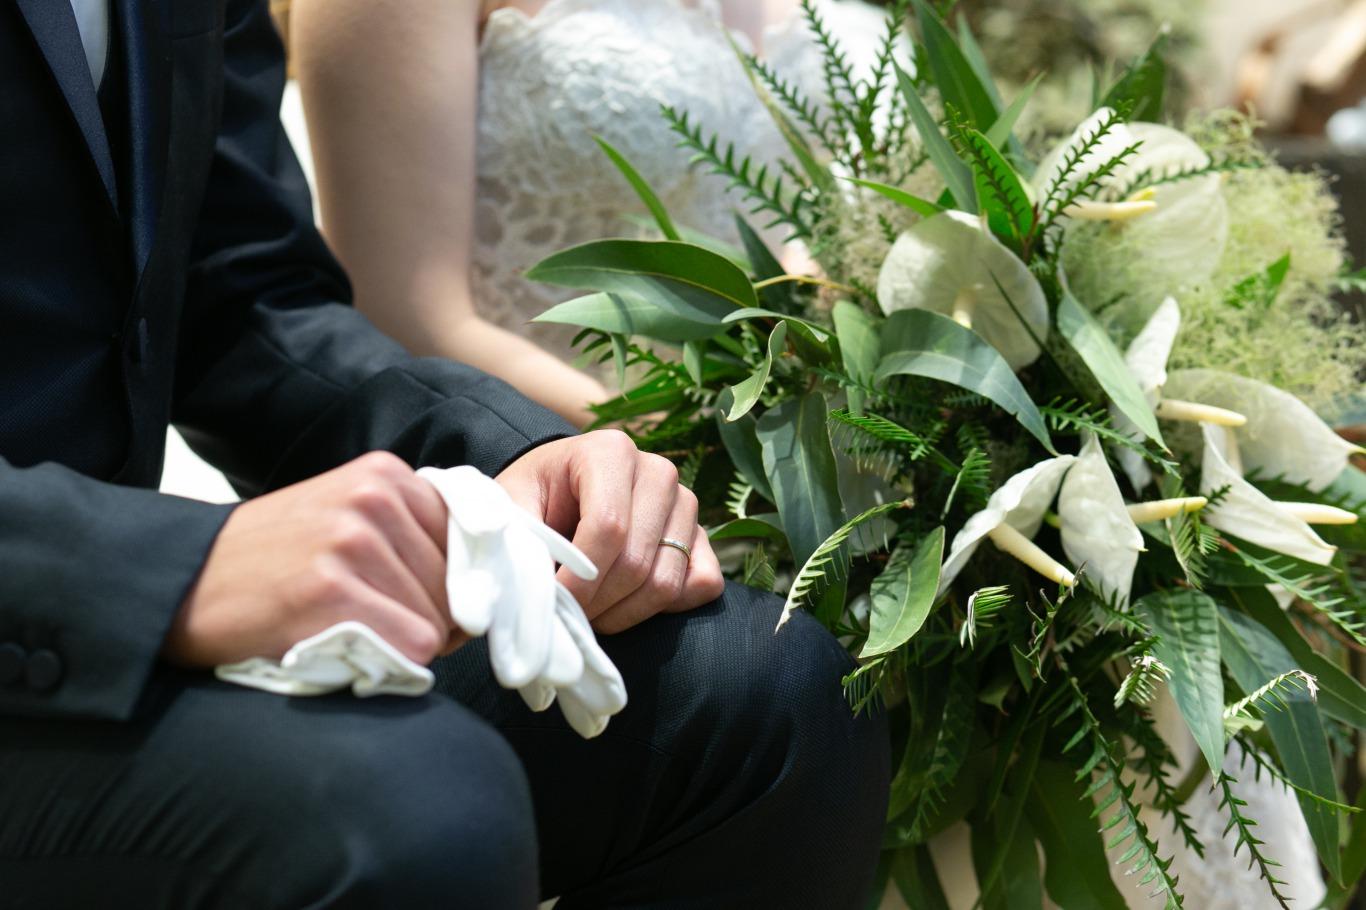 FURIANの結婚式にぴったりのアンスリウムブーケを使用したトータルコーディネート